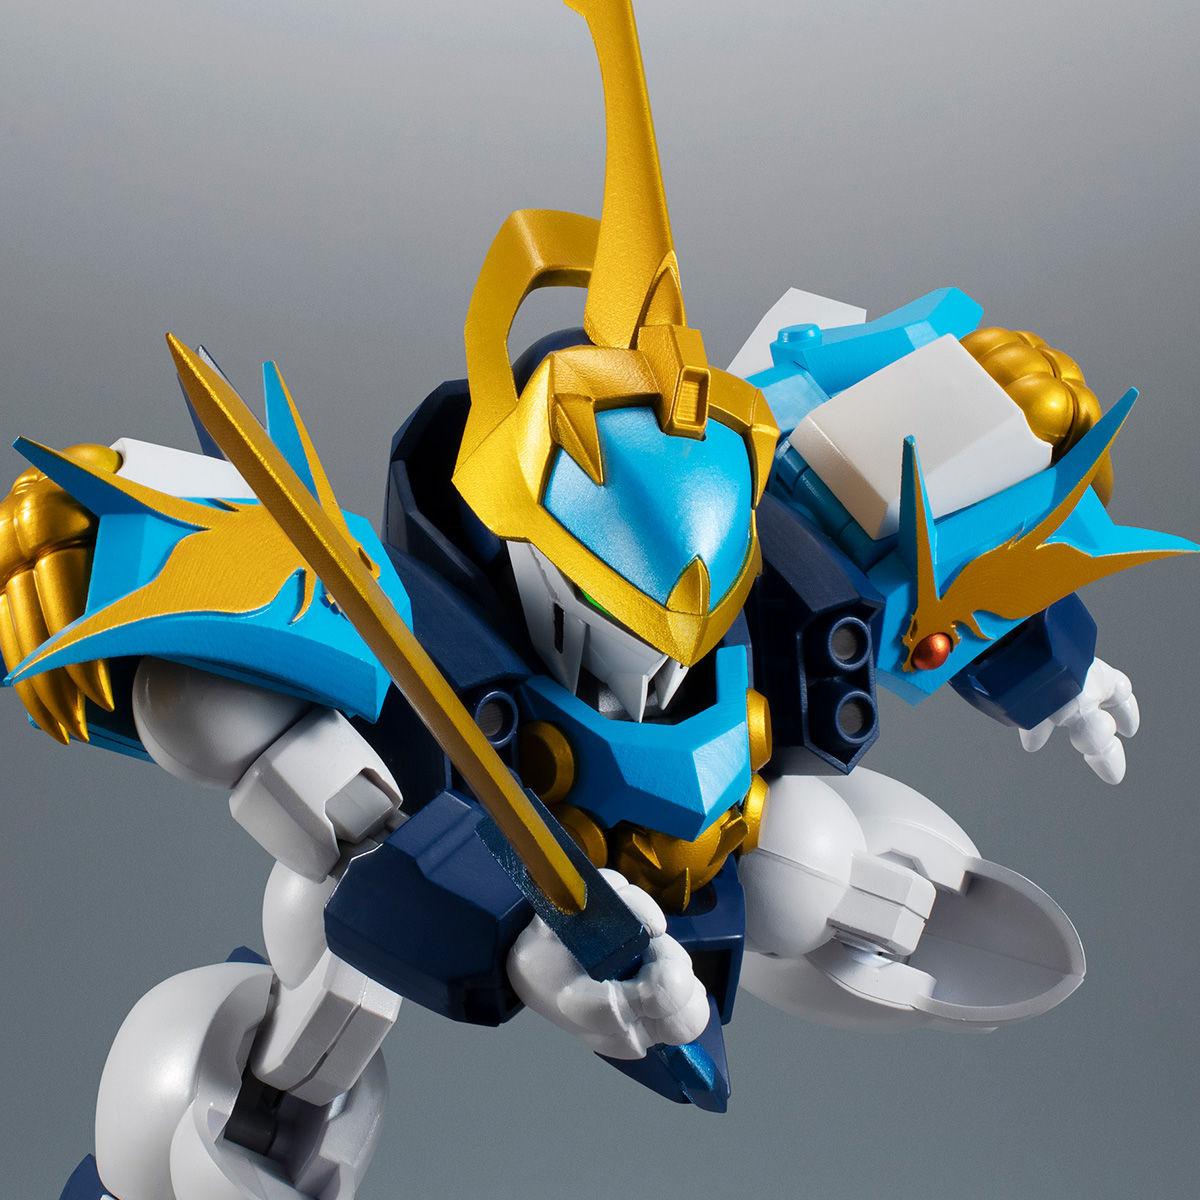 【限定販売】ROBOT魂〈SIDE MASHIN〉『龍蒼丸』魔神英雄伝ワタル 可動フィギュア-001